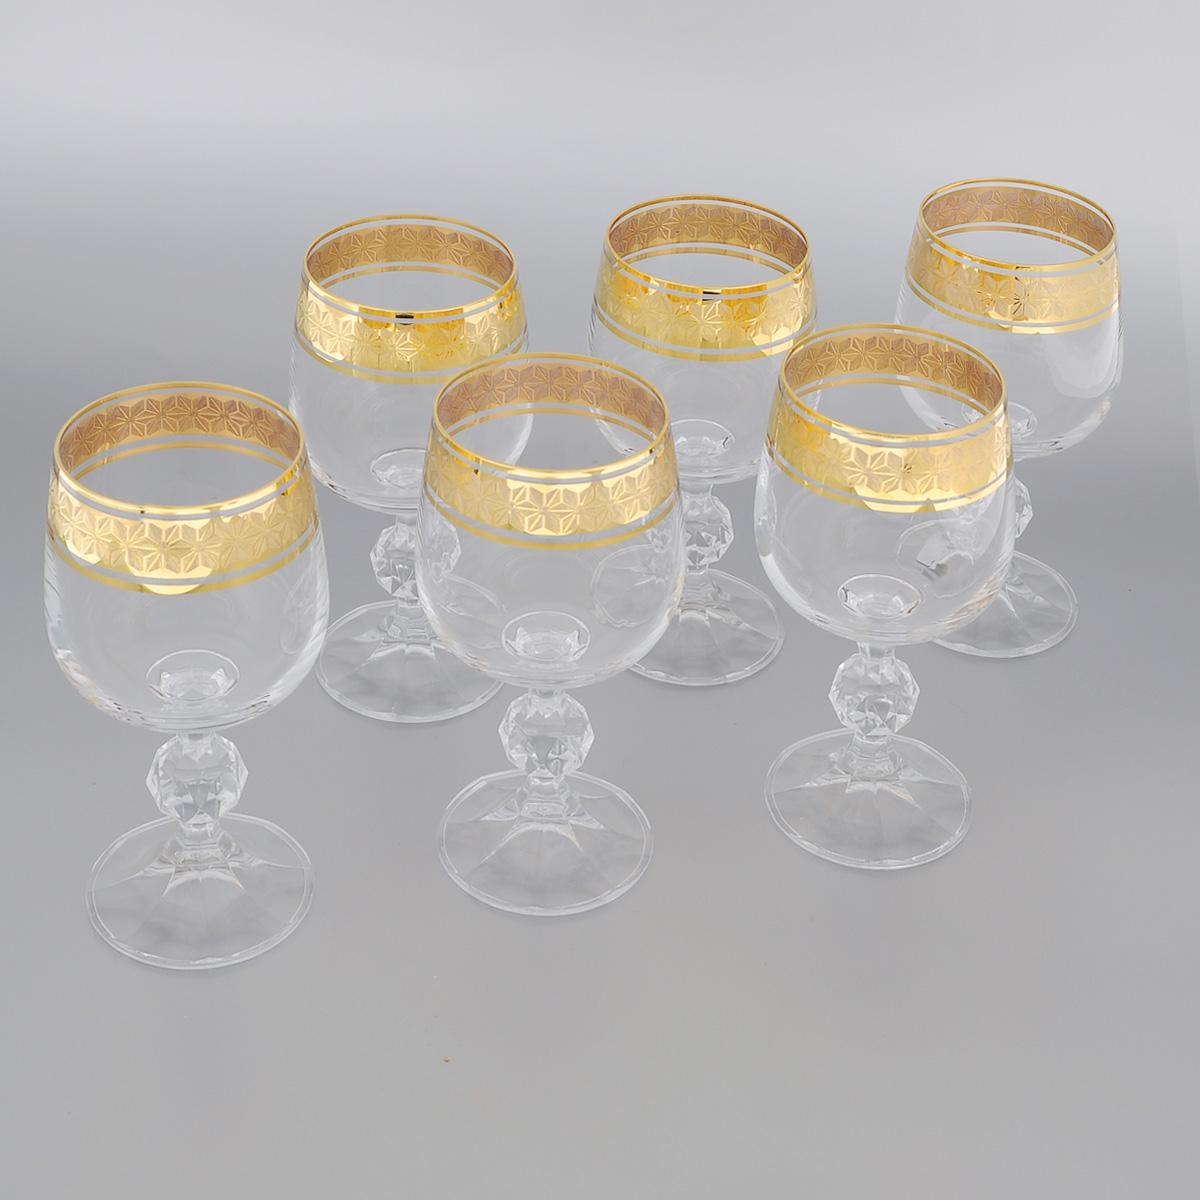 Набор бокалов для вина Bohemia Crystal Claudia, 230 мл, 6 шт700536Набор Bohemia Crystal Claudia состоит из шести бокалов, выполненных из прочного натрий-кальций-силикатного стекла. Изящные бокалы на низких ножках, декорированные золотистым орнаментом и окантовкой, прекрасно подойдут для вина. Бокалы излучают приятный блеск и издают мелодичный звон. Они сочетают в себе элегантный дизайн и функциональность. Благодаря такому набору пить шампанское будет еще вкуснее. Набор бокалов Bohemia Crystal Claudiaпрекрасно оформит праздничный стол и создаст приятную атмосферу за романтическим ужином. Такой набор также станет хорошим подарком к любому случаю. Диаметр бокала (по верхнему краю): 6,2 см. Высота бокала: 15,5 см. Диаметр основания: 6,2 см.